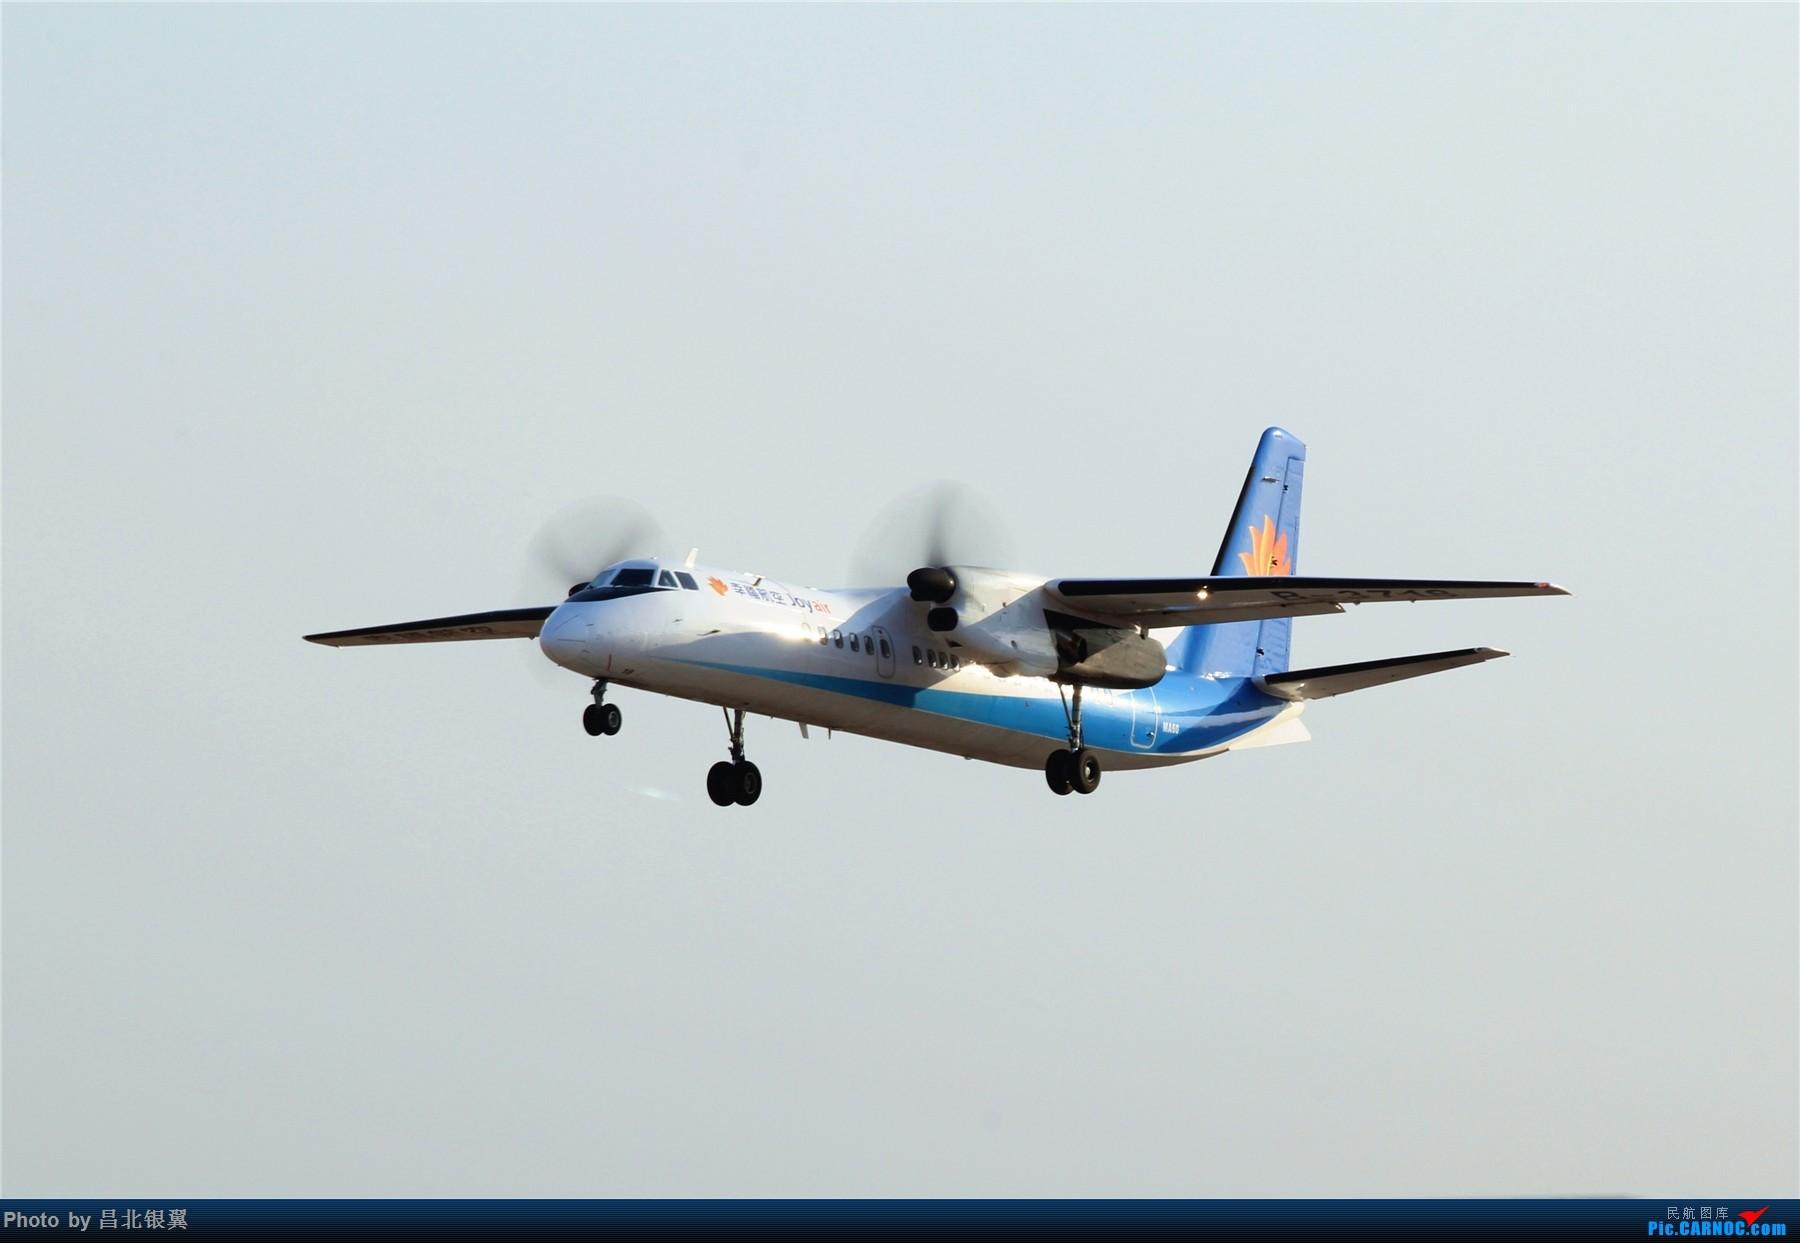 飞机启航背景素材